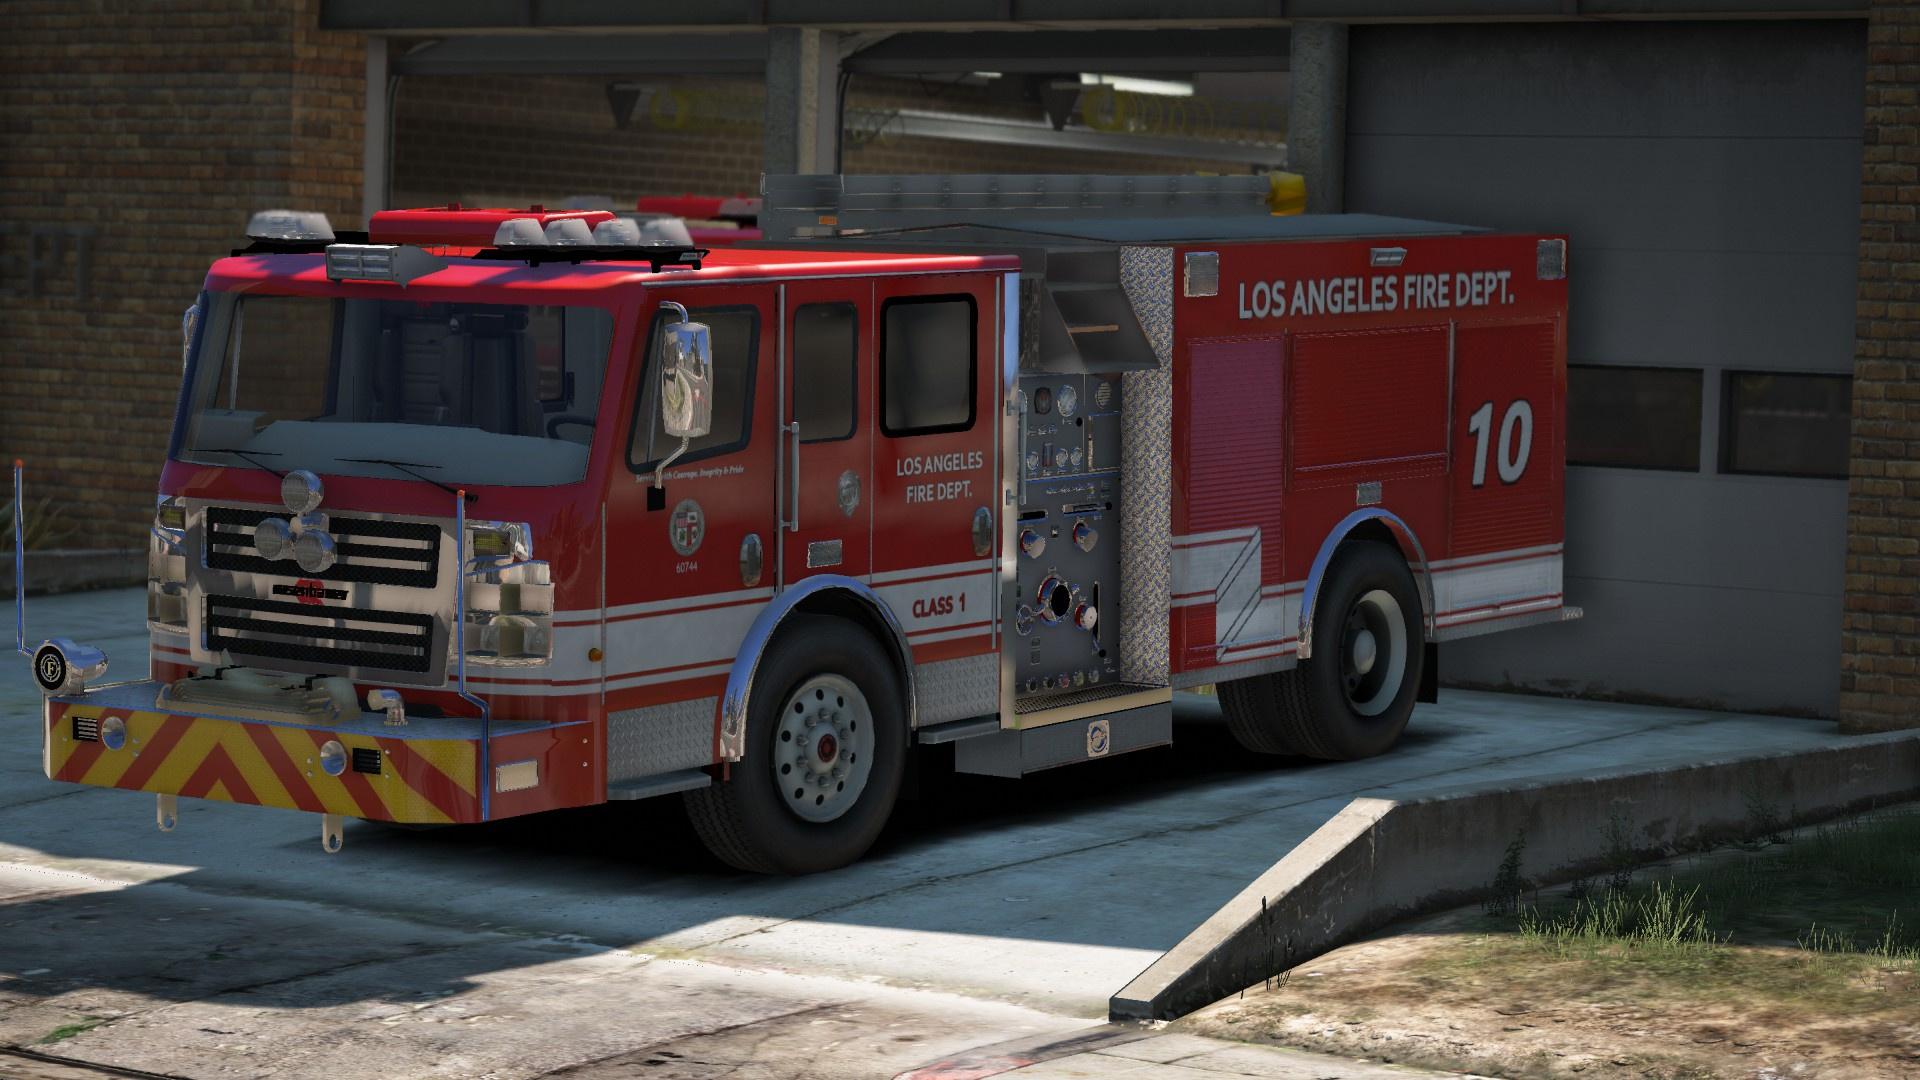 LAFD skins for Medic4523's Fire & EMS Pack - GTA5-Mods com